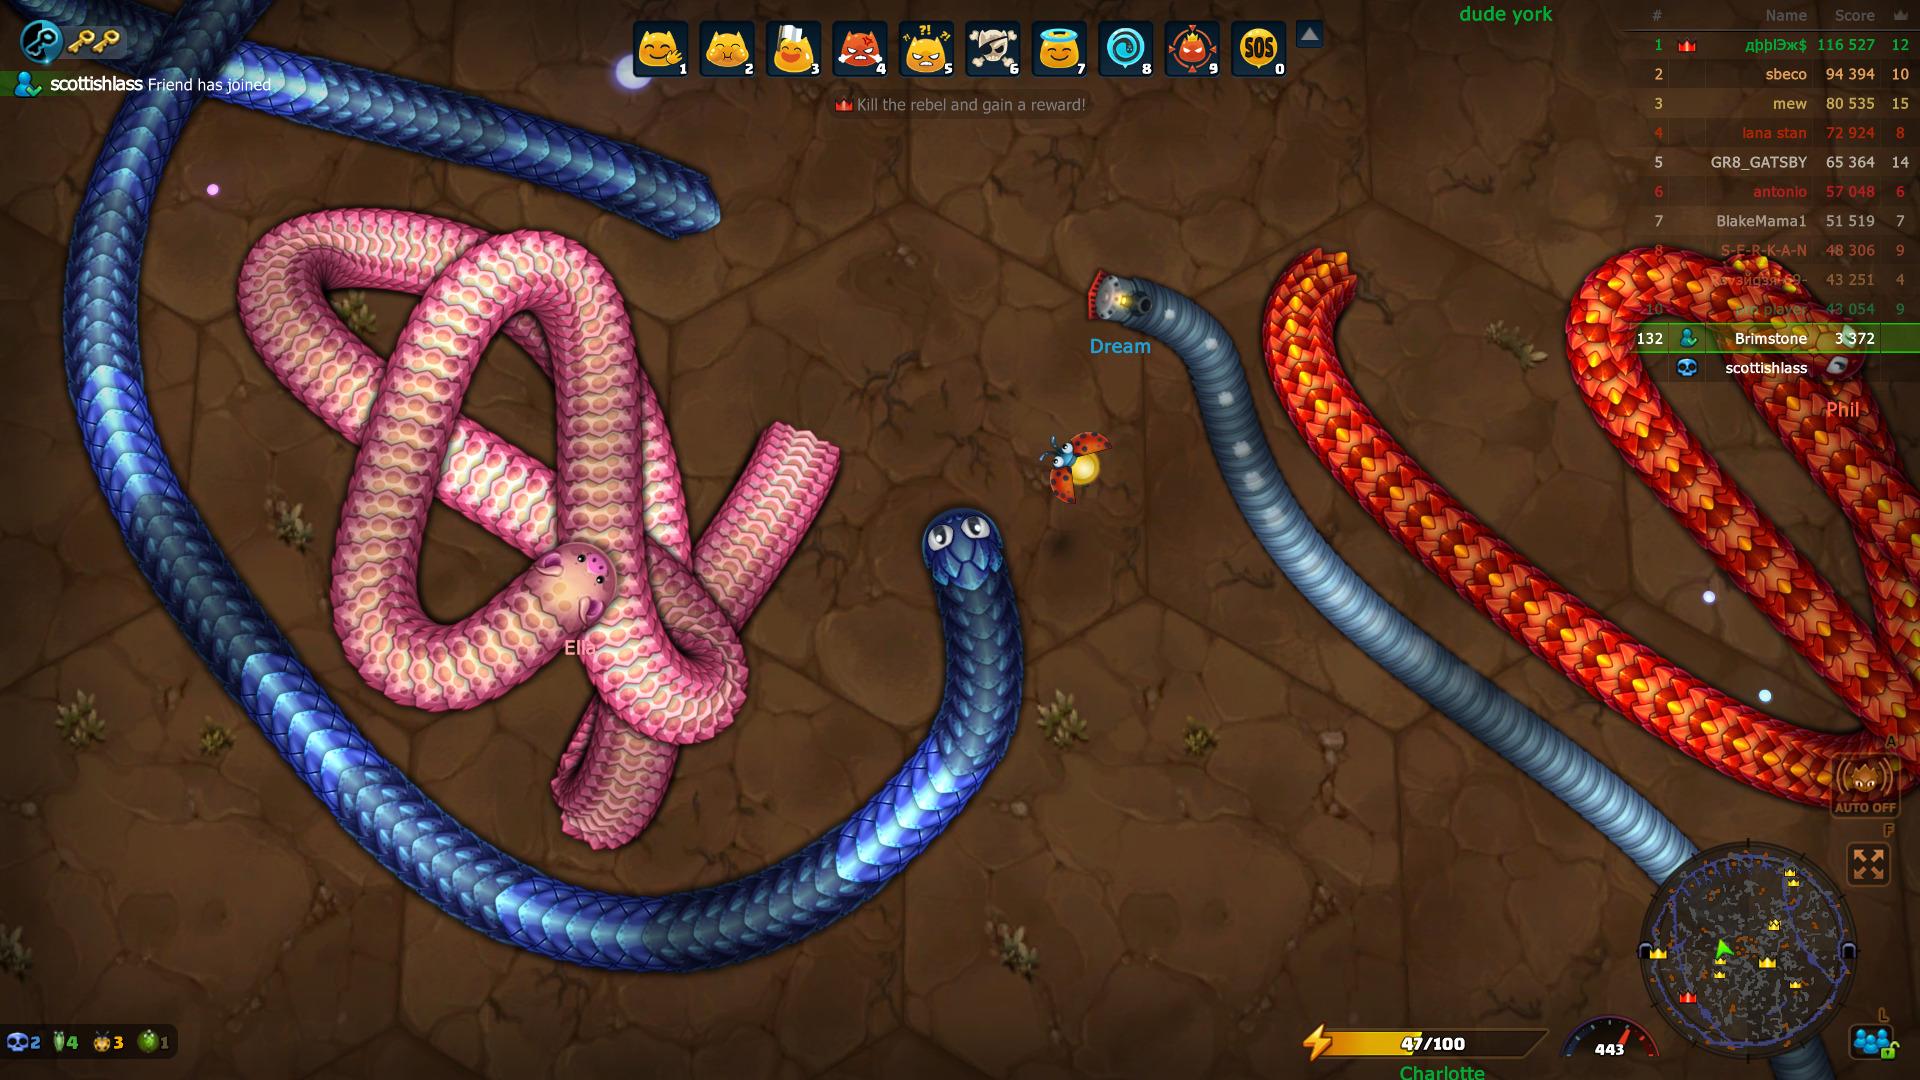 snake-0.jpg